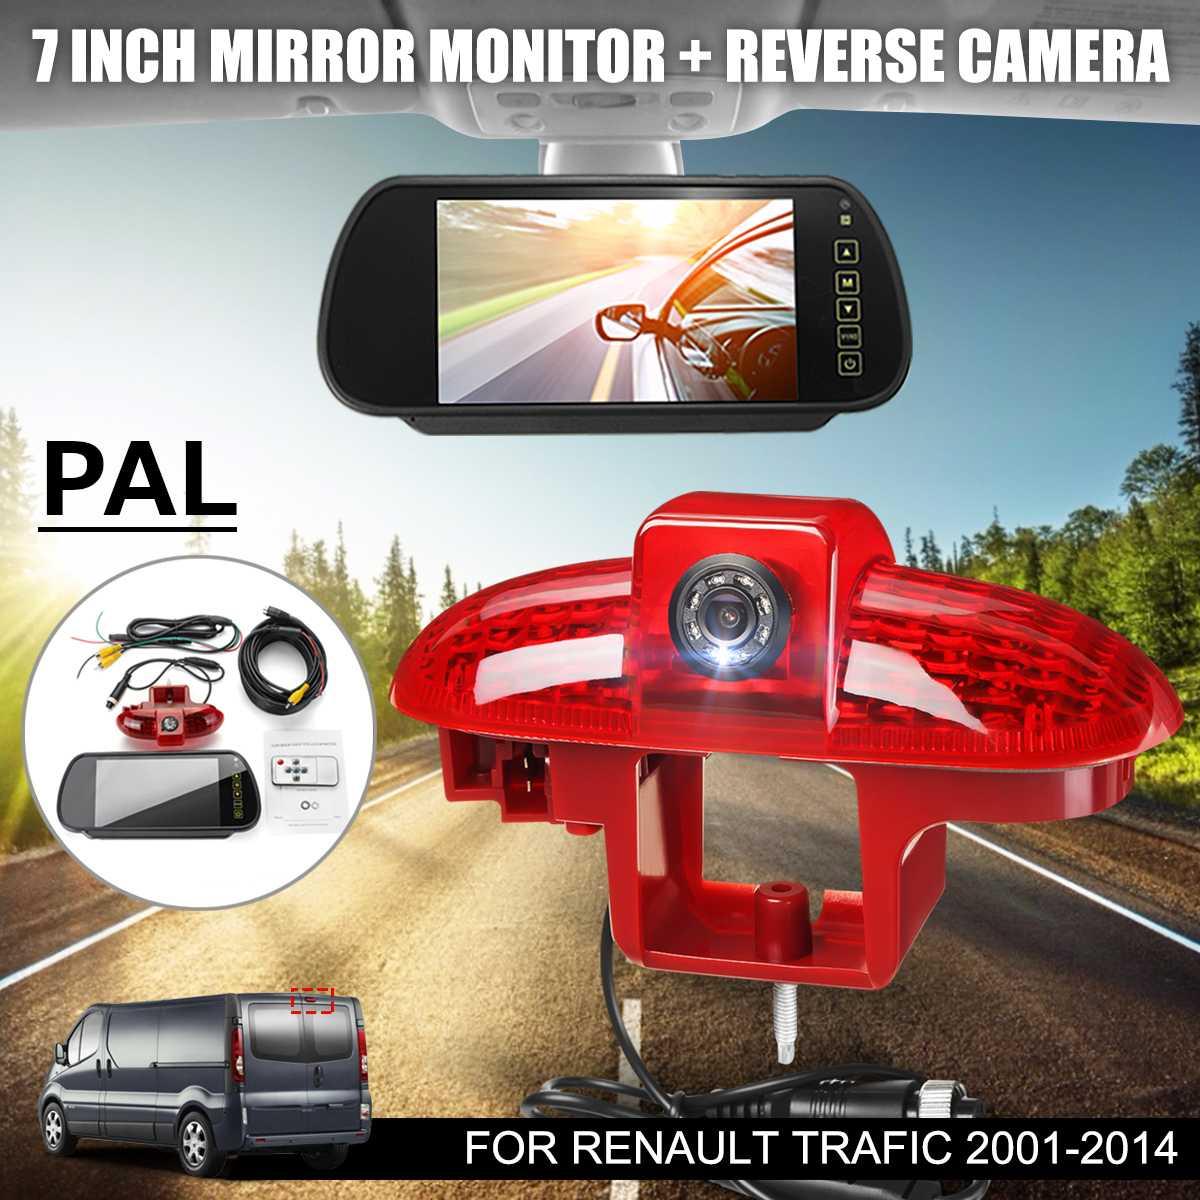 PAL frein de voiture led répéteur hdmi N ° Vue Arrière De Sauvegarde caméra de parking LCD Large Écran Miroir Moniter Pour Renault Trafic 01-14